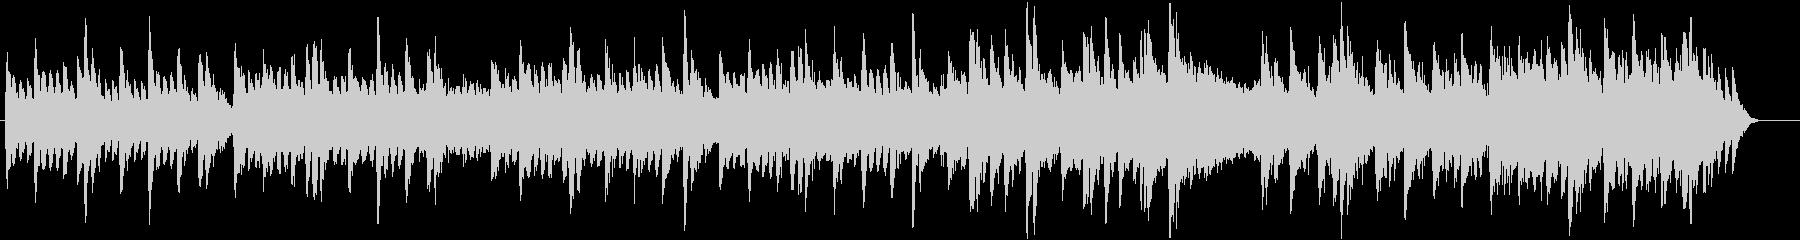 メロディーありインストバラードの未再生の波形